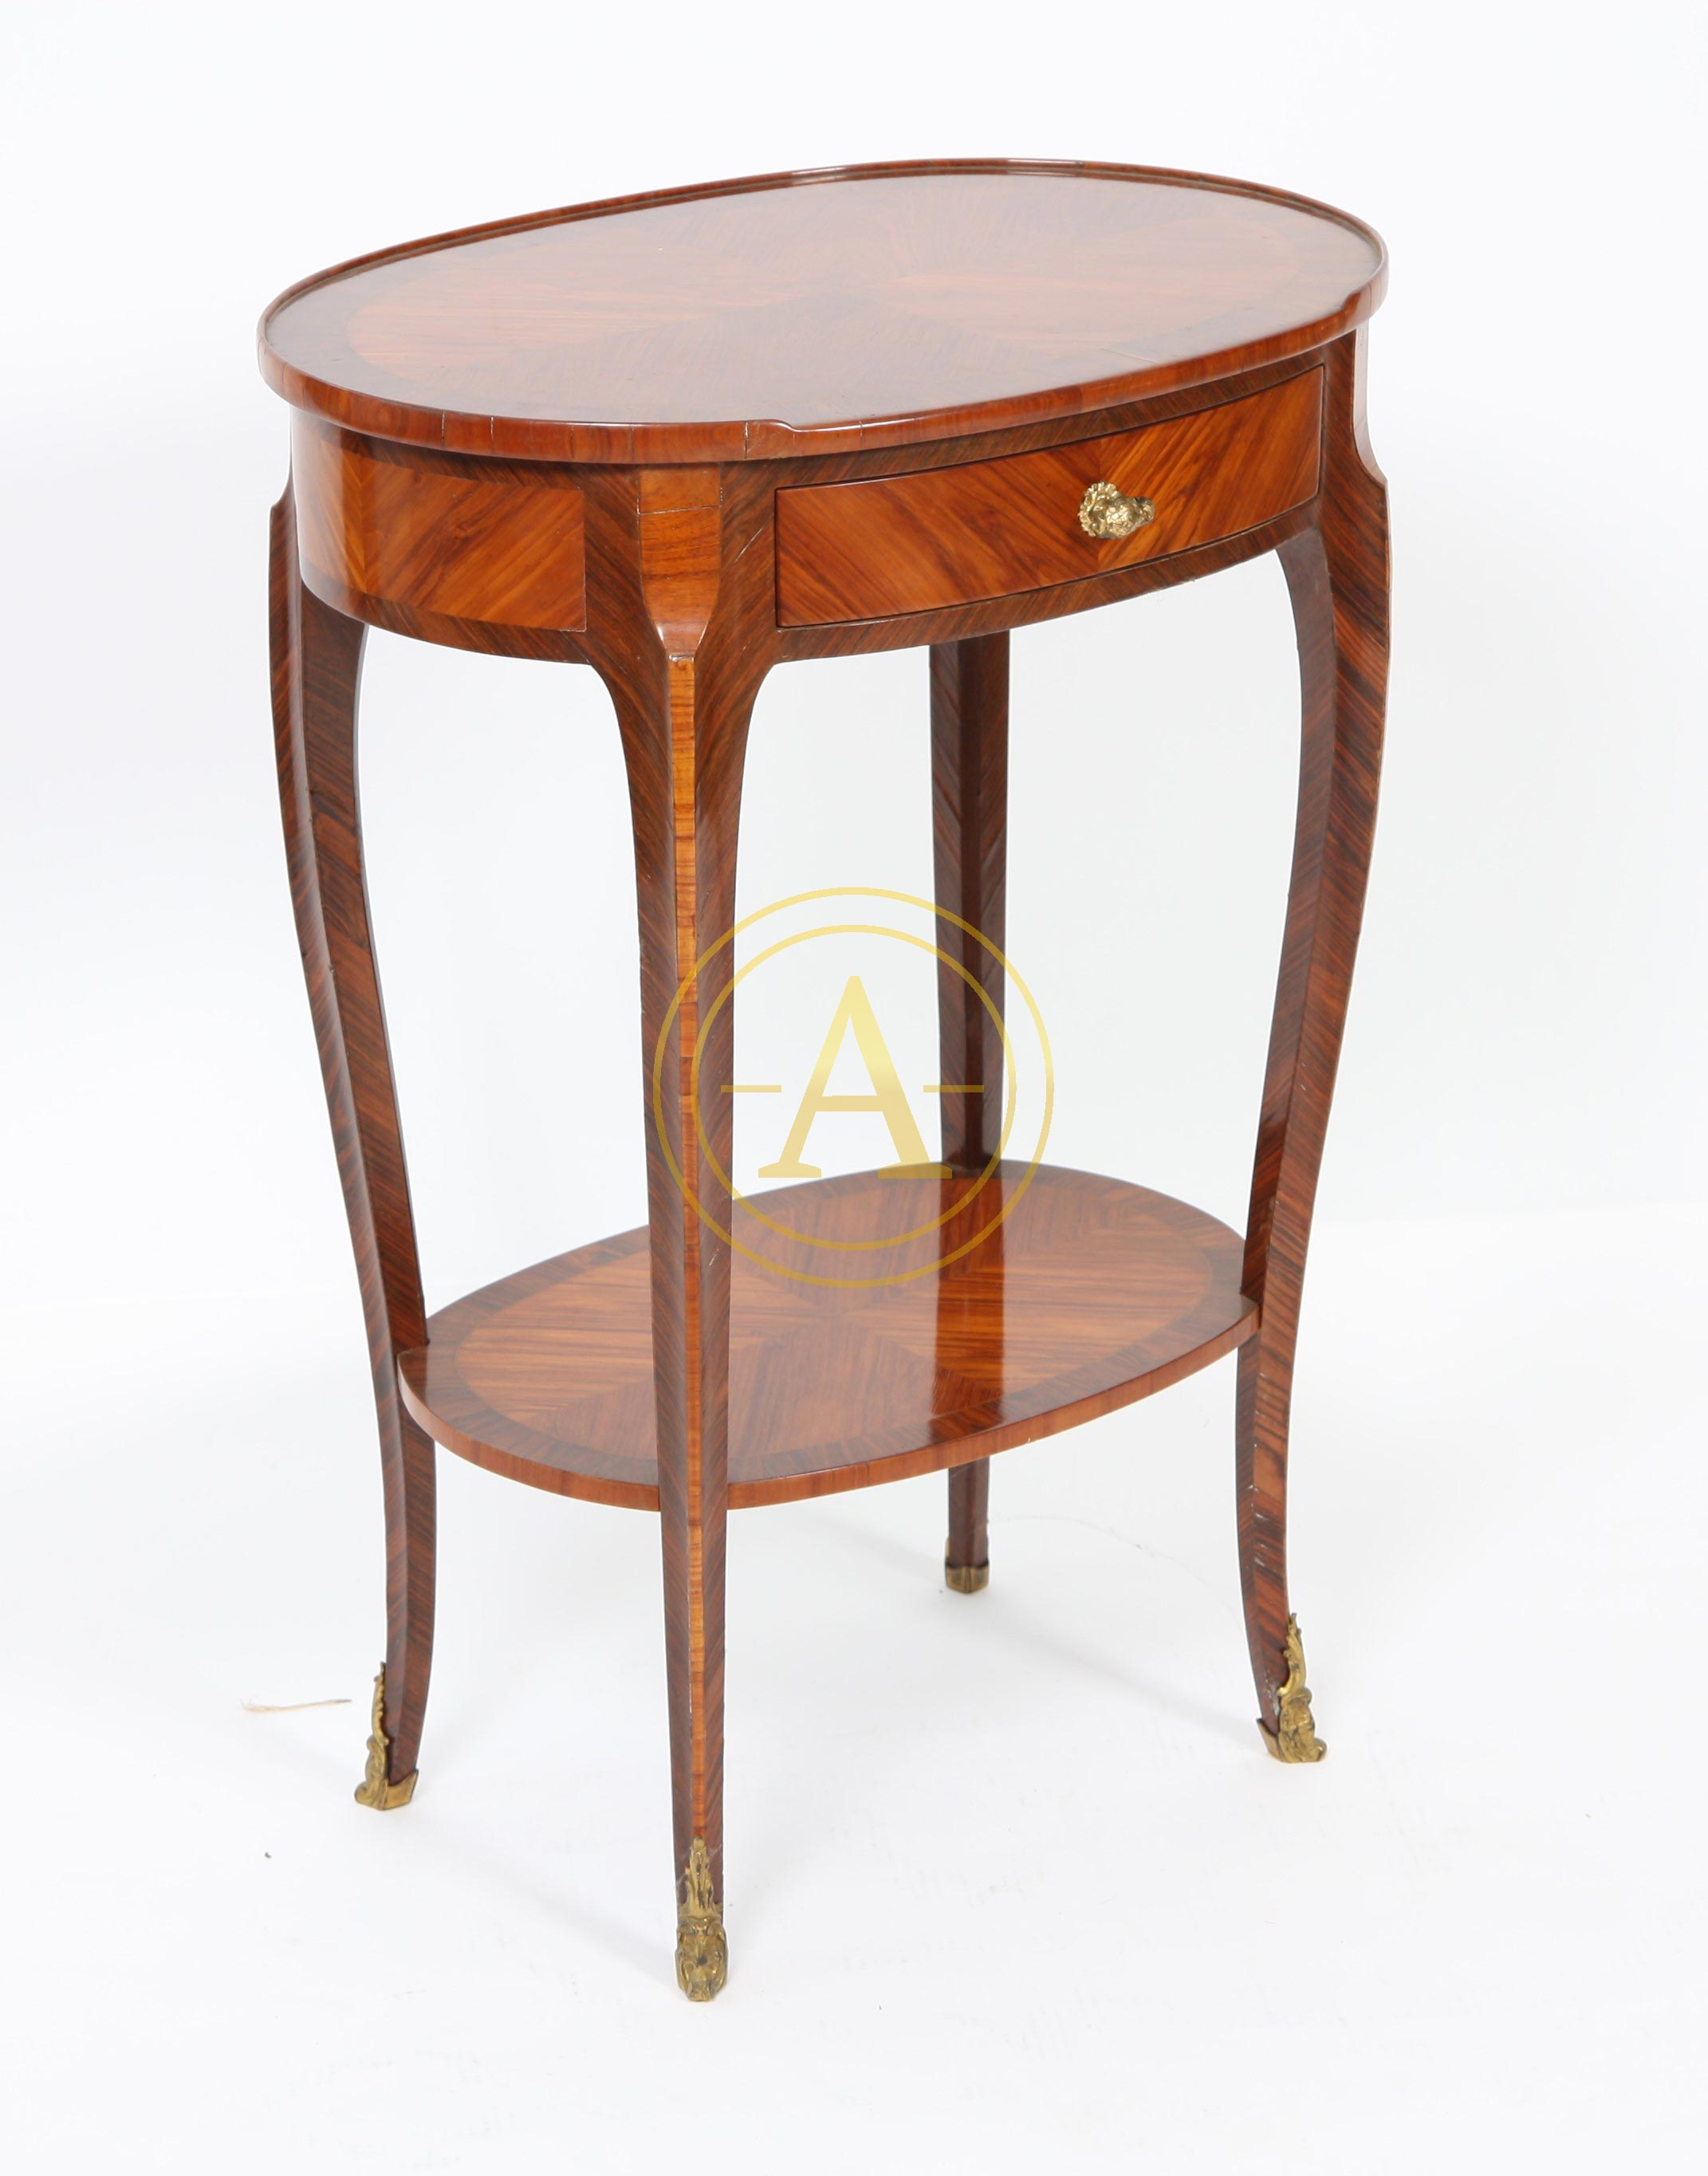 Table de salon louis xv ovale antiques trade gallery - Table de salon ovale ...